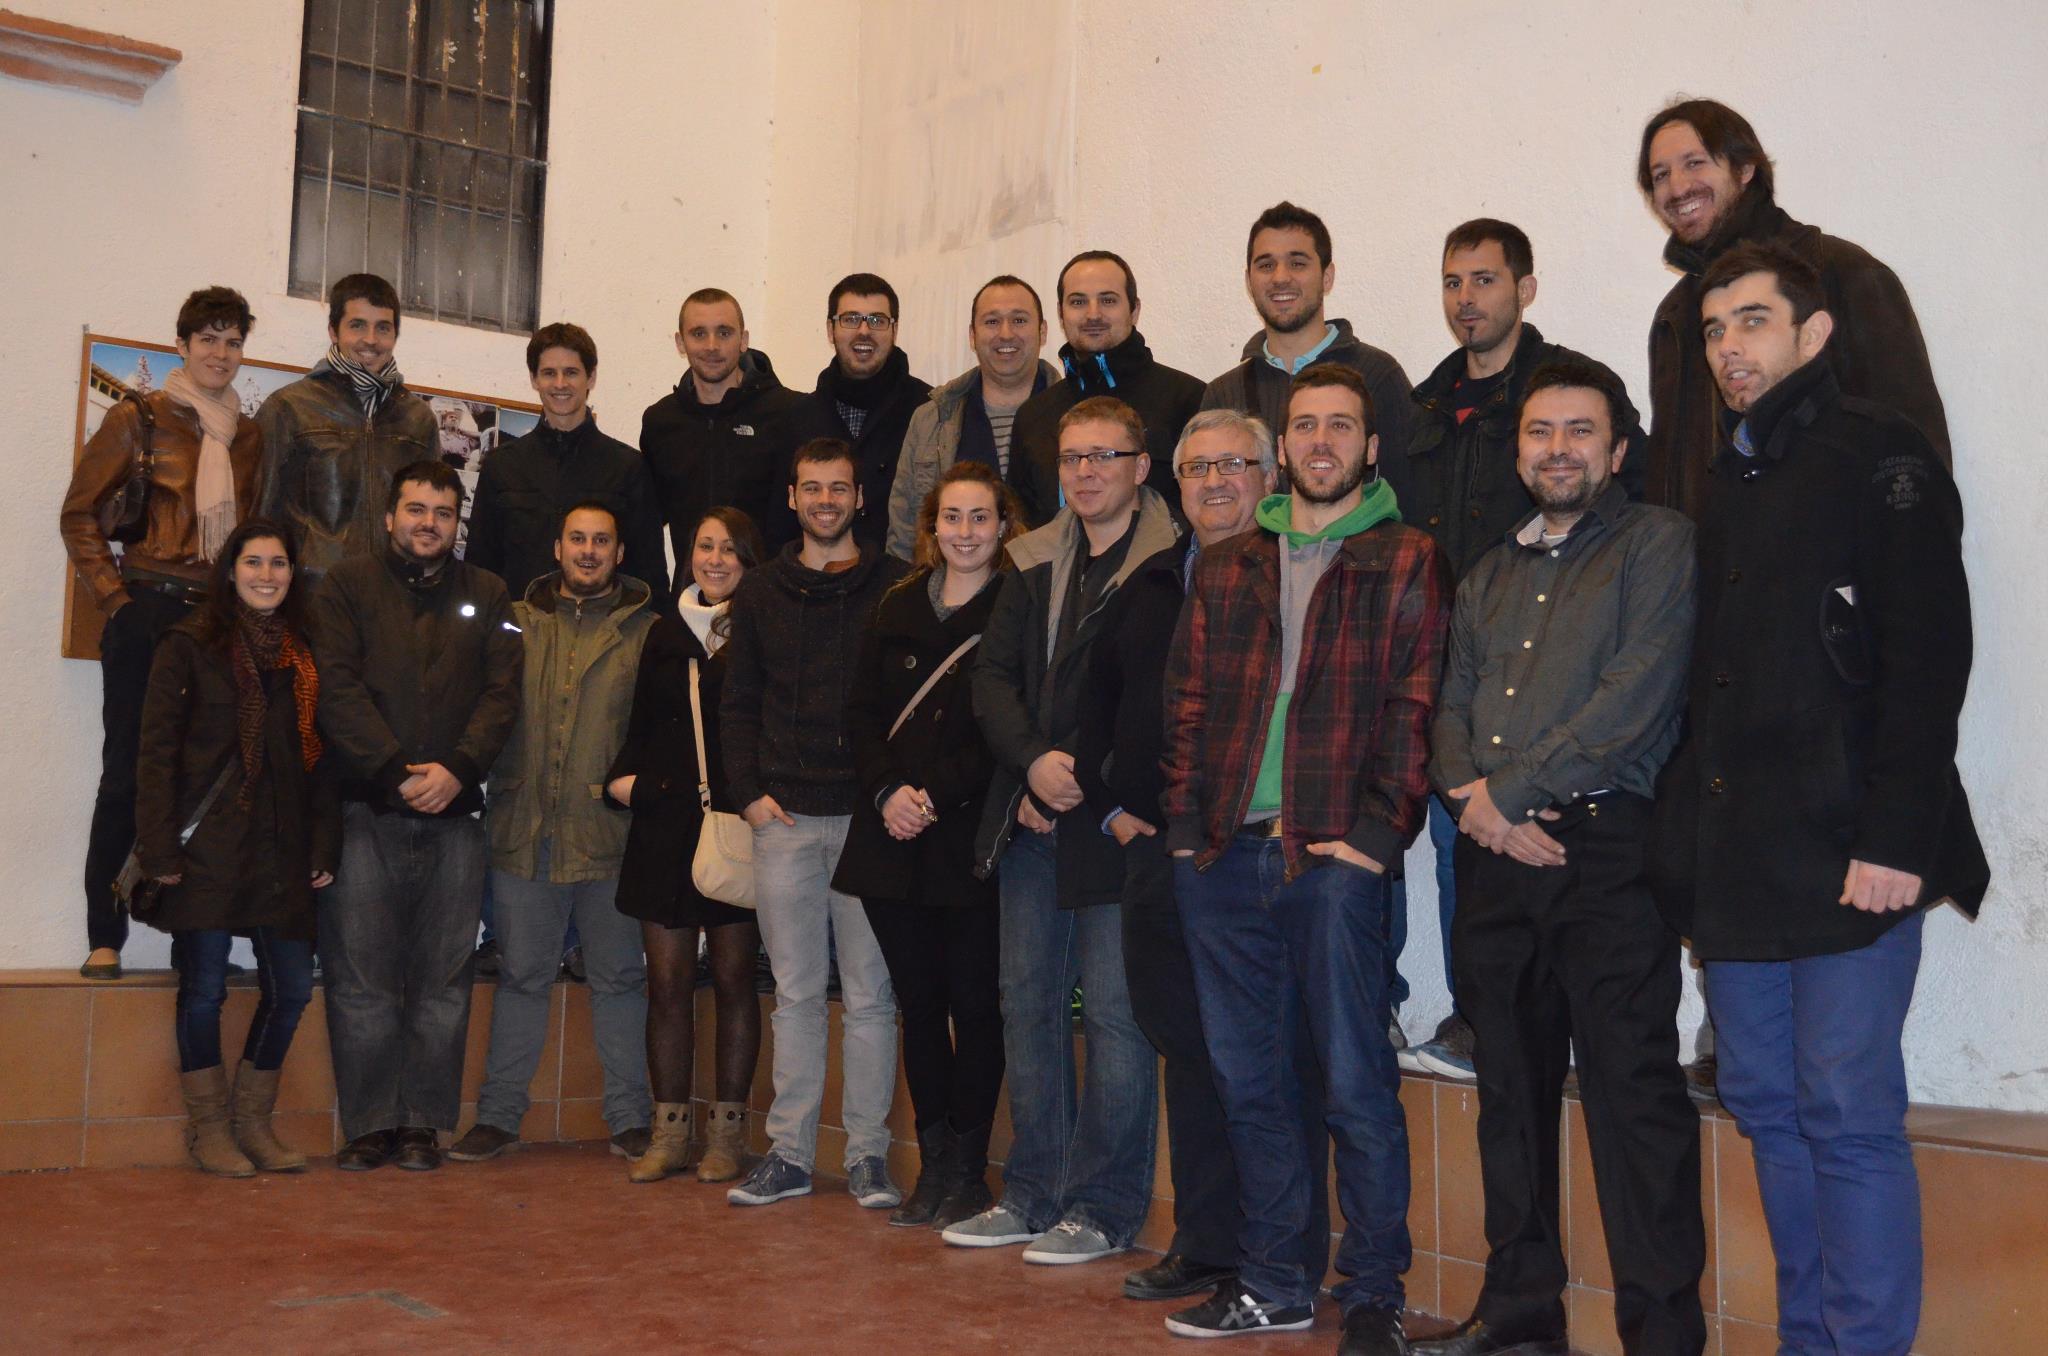 Imatge d'Enric Sertijol, nou president dels Xiquets, i tota la junta de la colla (foto: Xiquets de Tarragona)